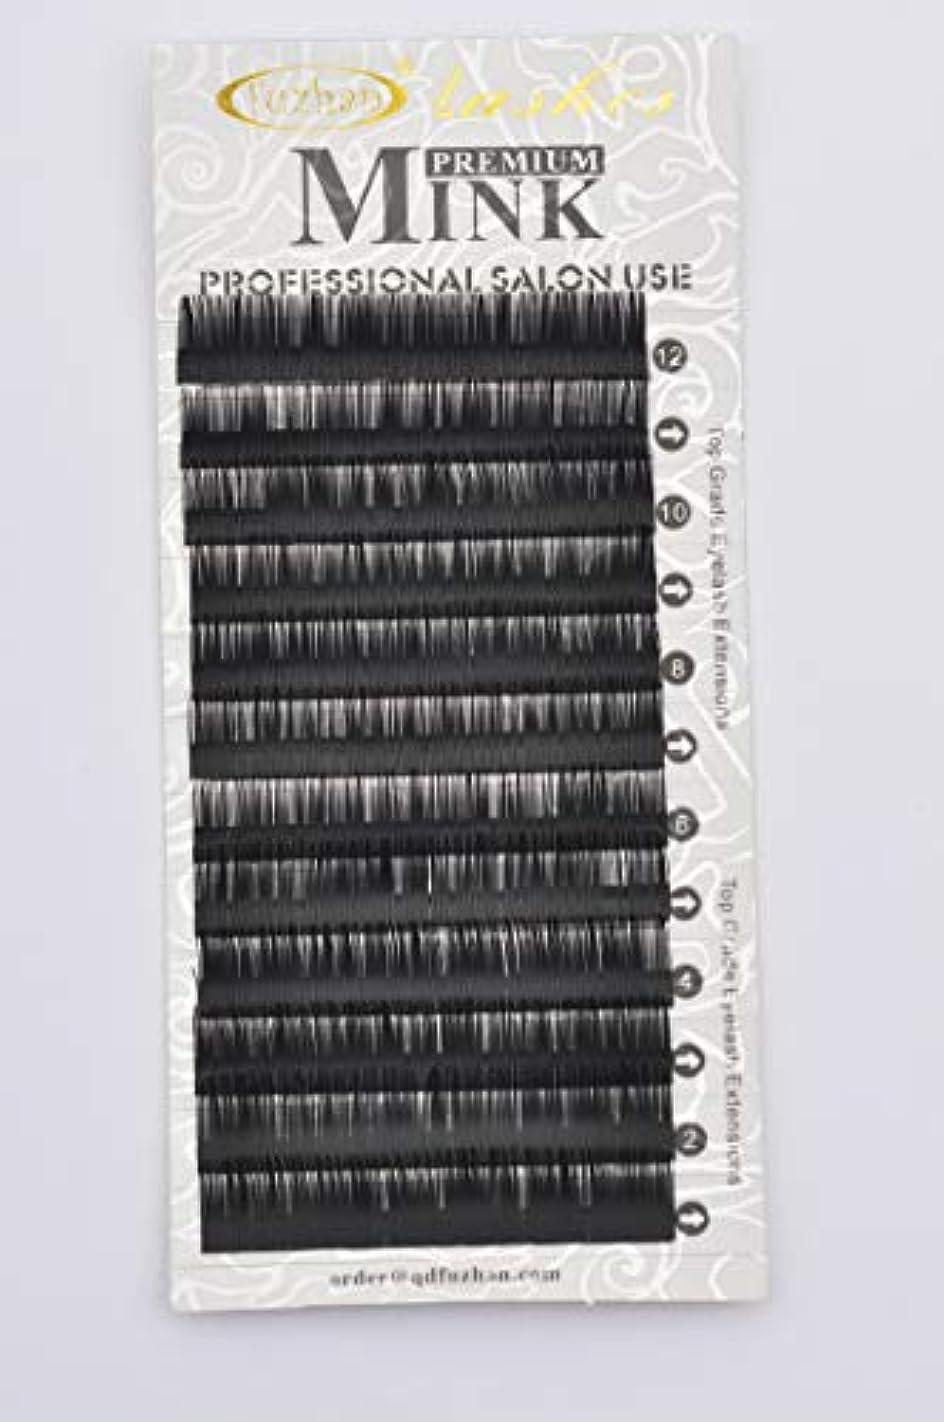 にもかかわらず文房具超越するまつげエクステ 太さ0.25mm(カール長さ指定) 高級ミンクまつげ 12列シートタイプ ケース入り (0.25 14mm D)